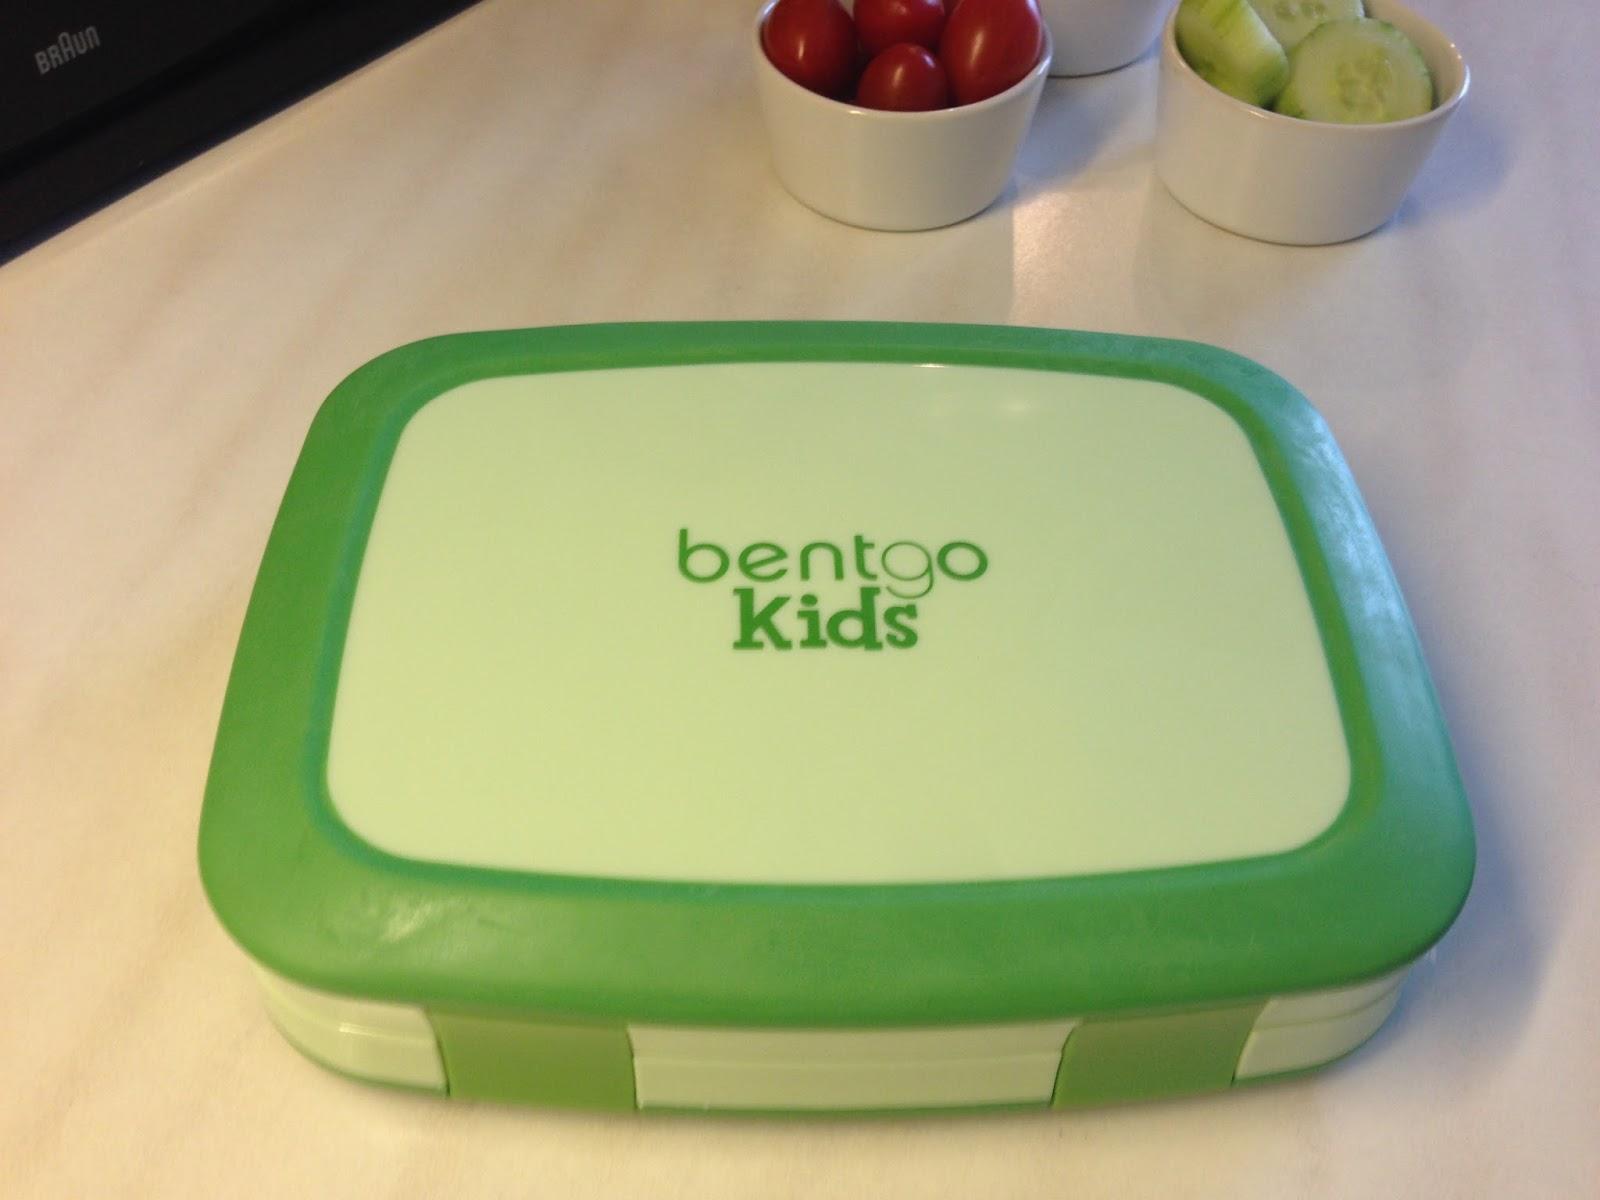 die bentgo kids box eine innovative und schicke lunchbox f r kinder plus verlosung mit. Black Bedroom Furniture Sets. Home Design Ideas